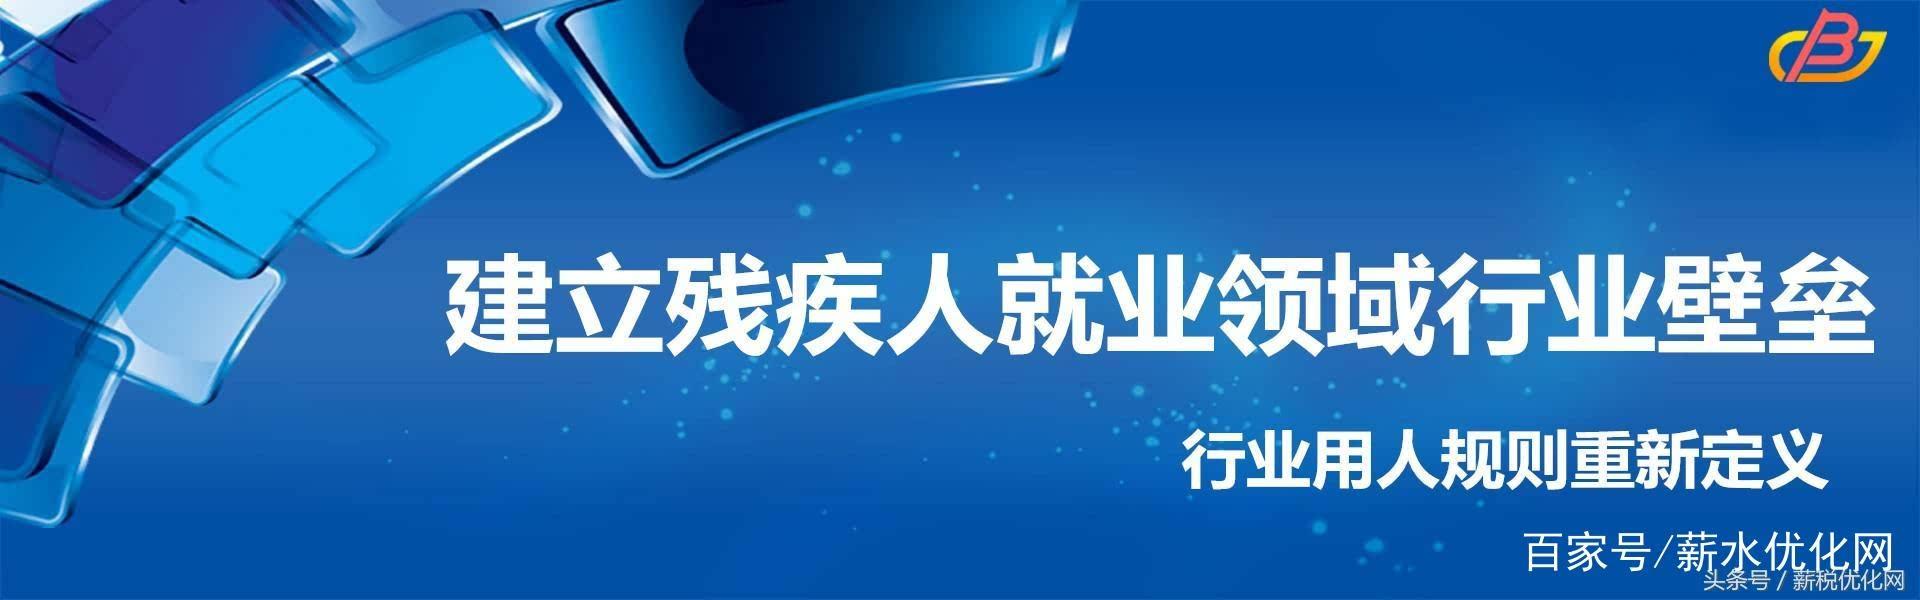 上海市企业如何缴纳残保金,帮助残疾人就业政策插图(1)